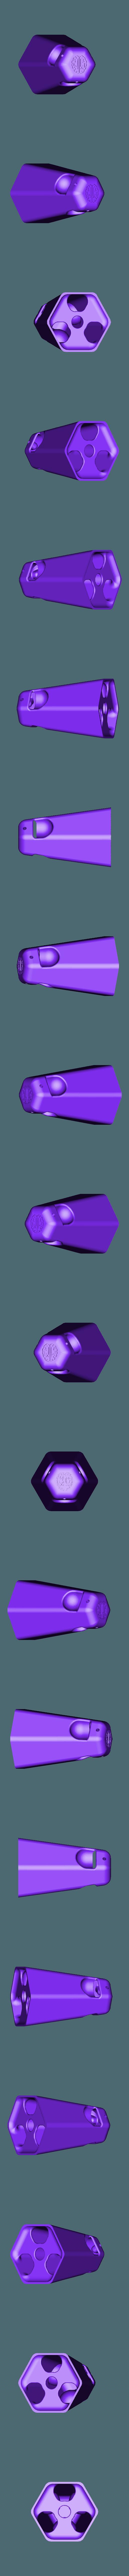 High_capacity.stl Télécharger fichier STL gratuit Nourriture pour oiseaux • Modèle à imprimer en 3D, MakerMind